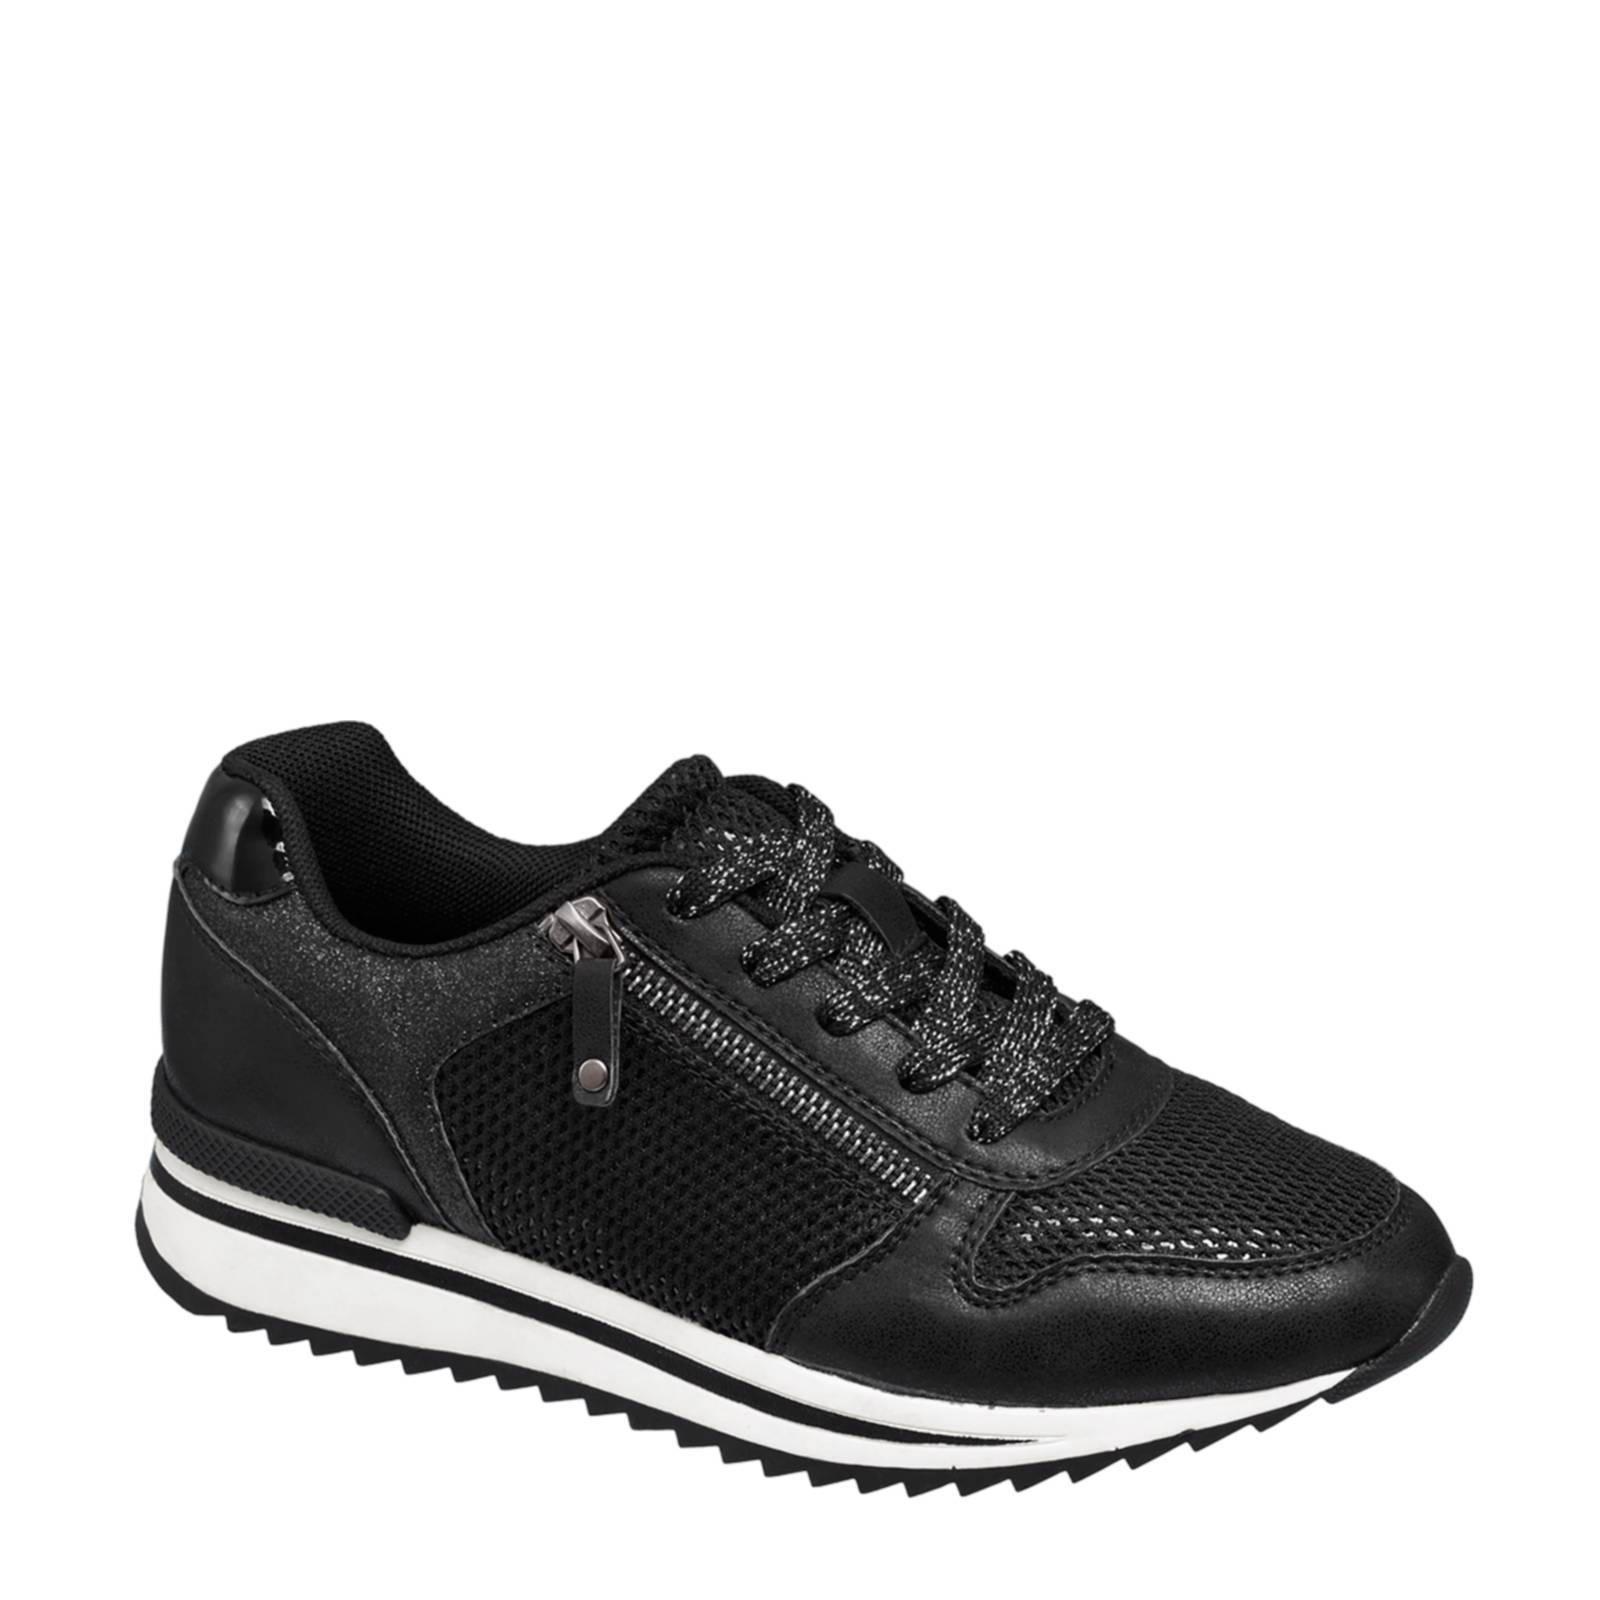 Sneakers Vanharen Sneakers Graceland Graceland Wehkamp Wehkamp Vanharen zanxw